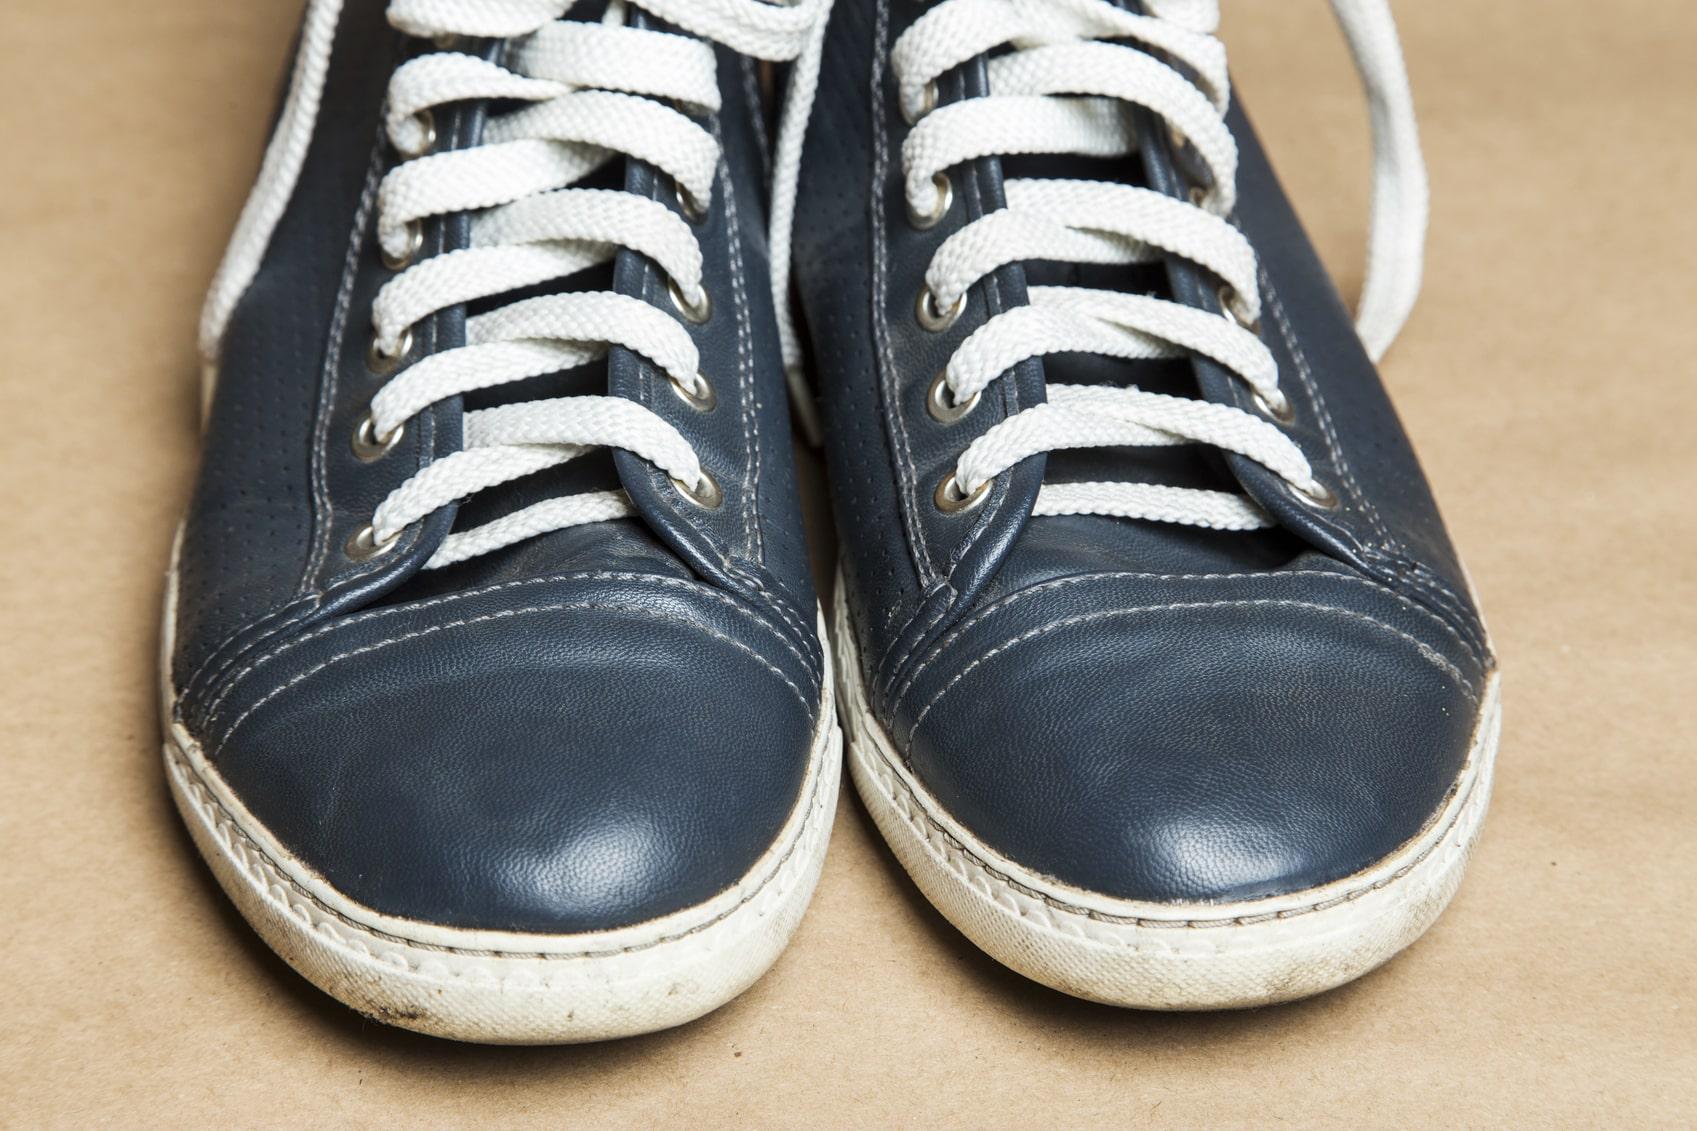 La solución definitiva al mal olor de los zapatos